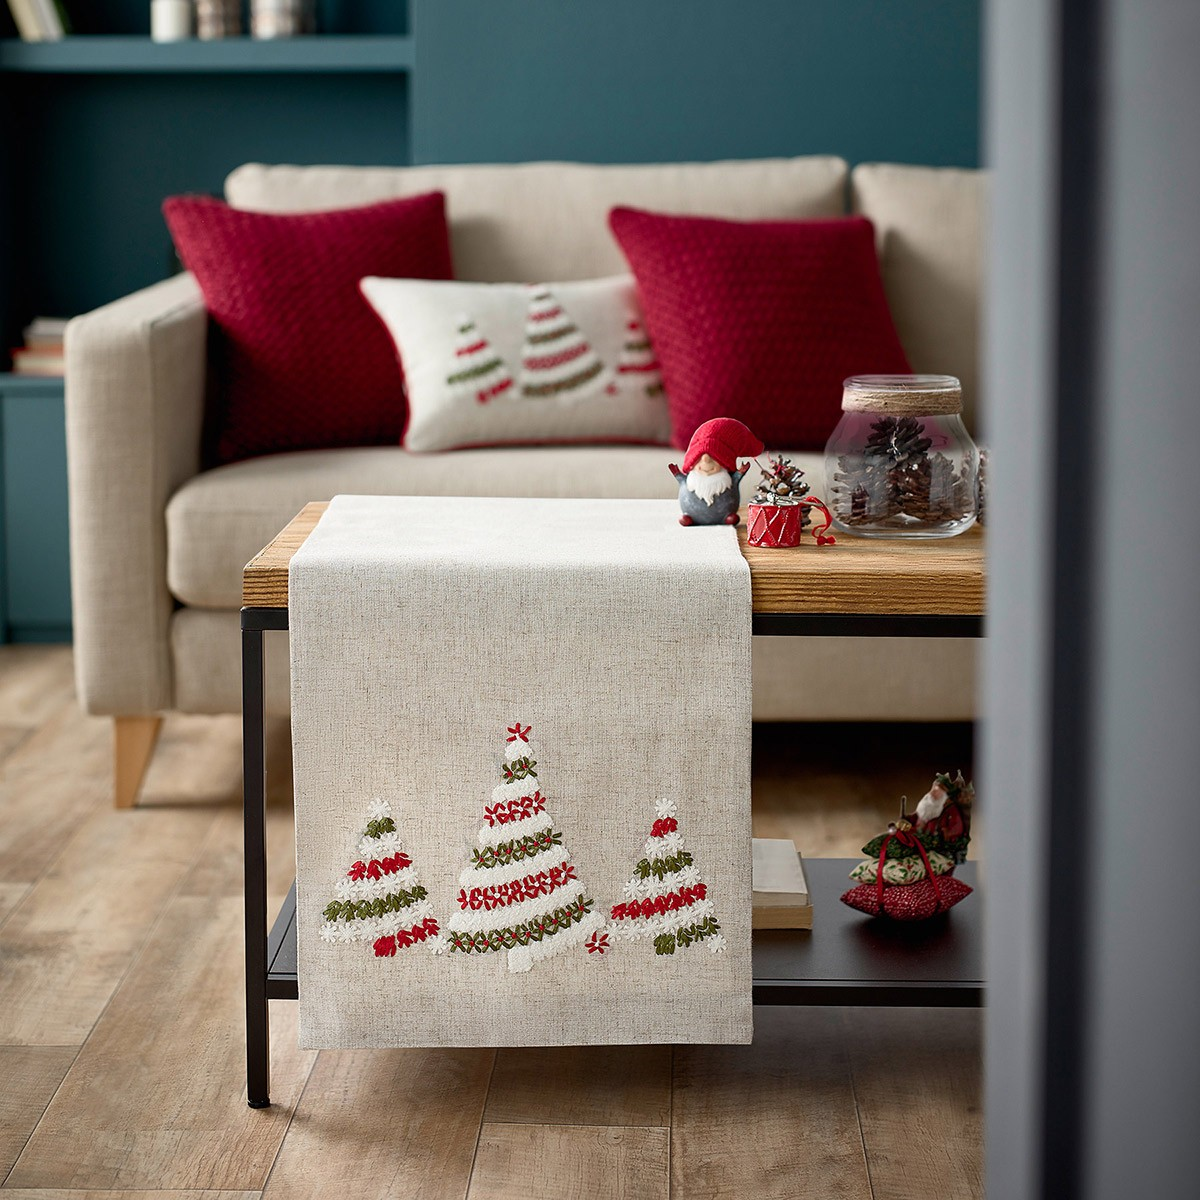 Χριστουγεννιάτικη Τραβέρσα Gofis Home 150 home   χριστουγεννιάτικα   χριστουγεννιάτικες τραβέρσες